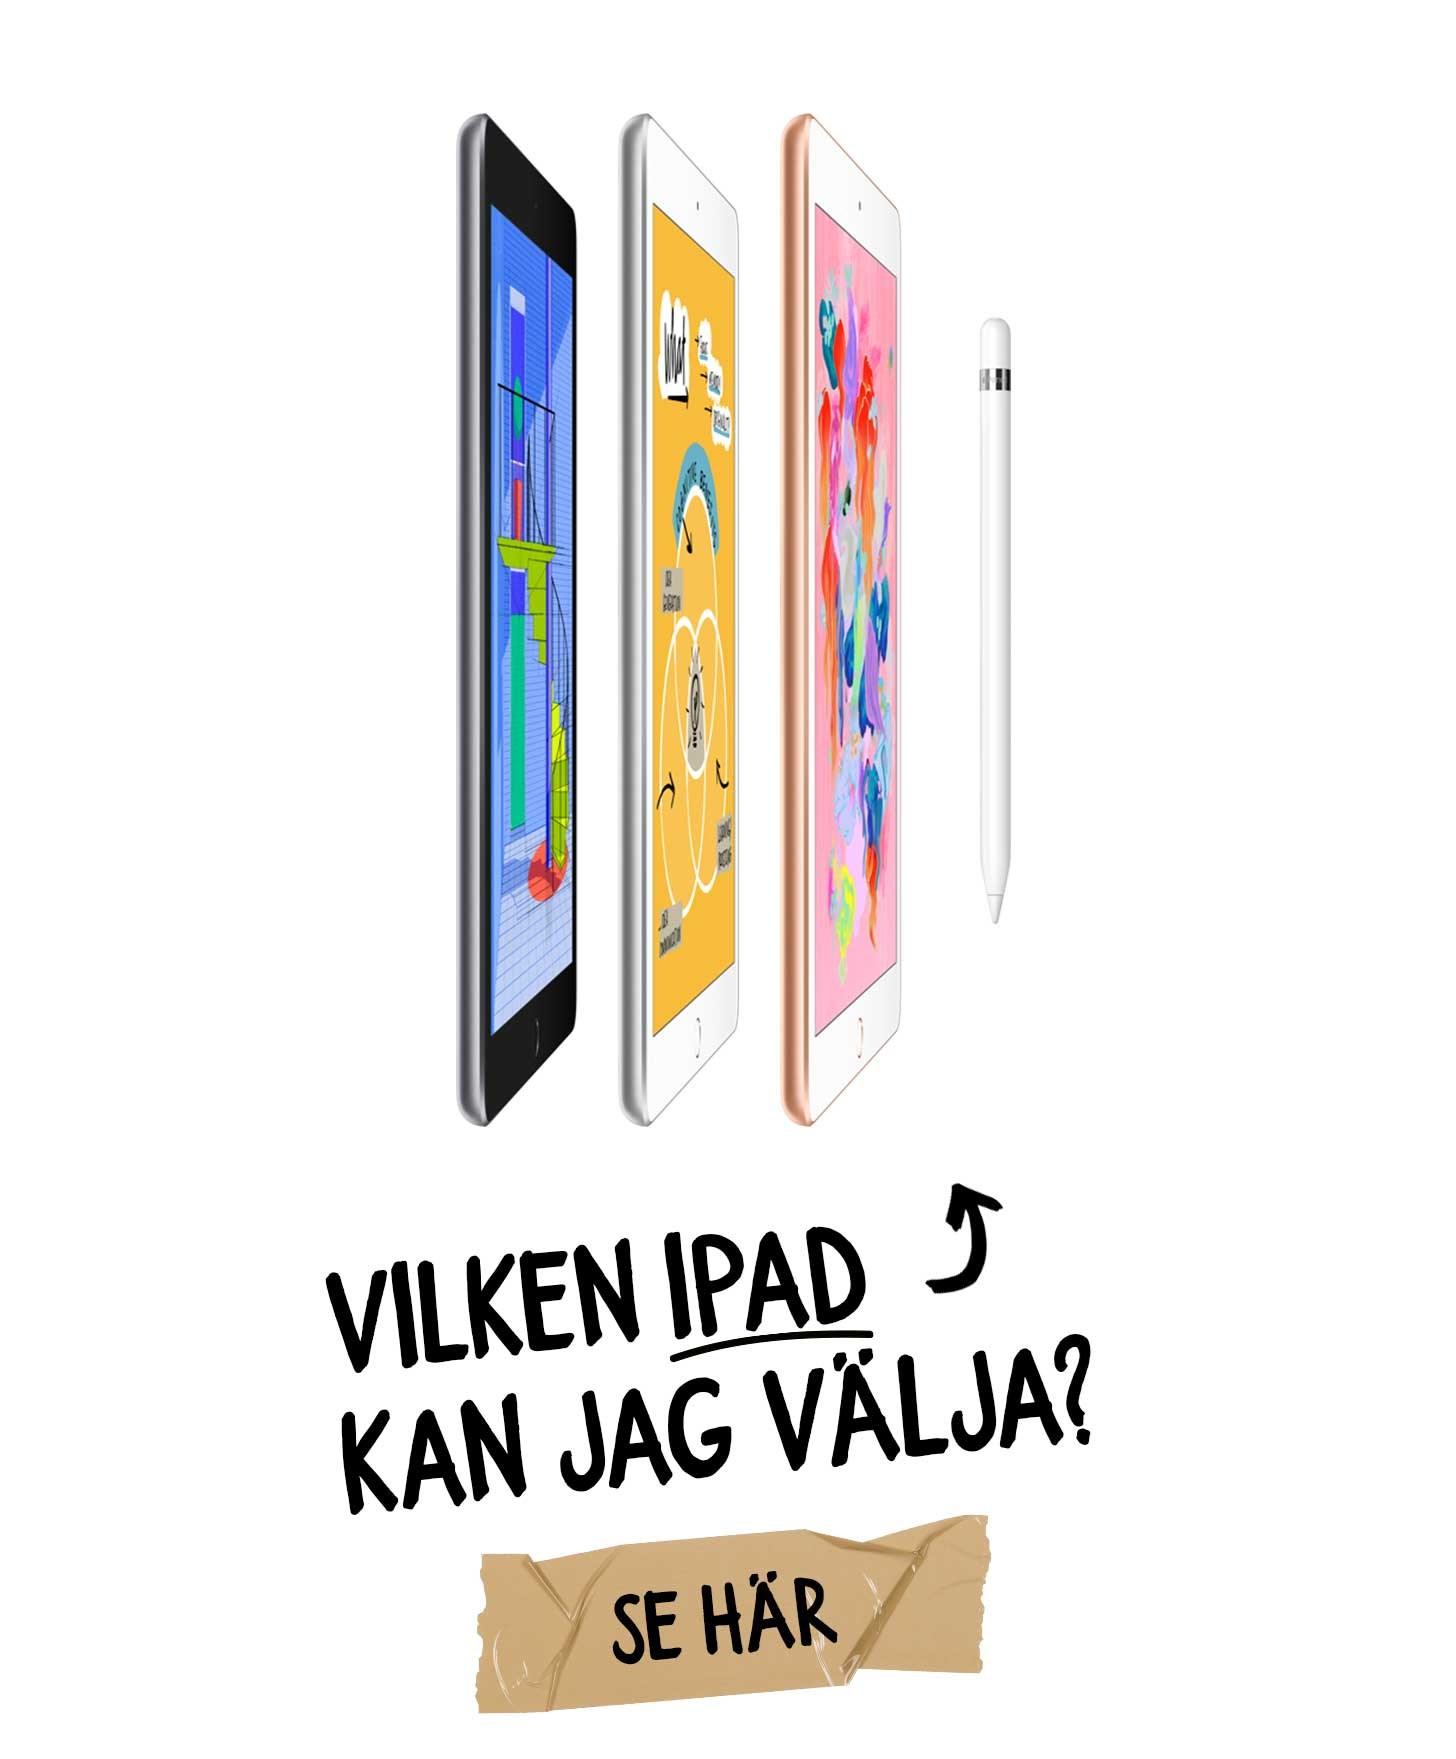 Vilken iPad kan jag välja med Växla Upp?